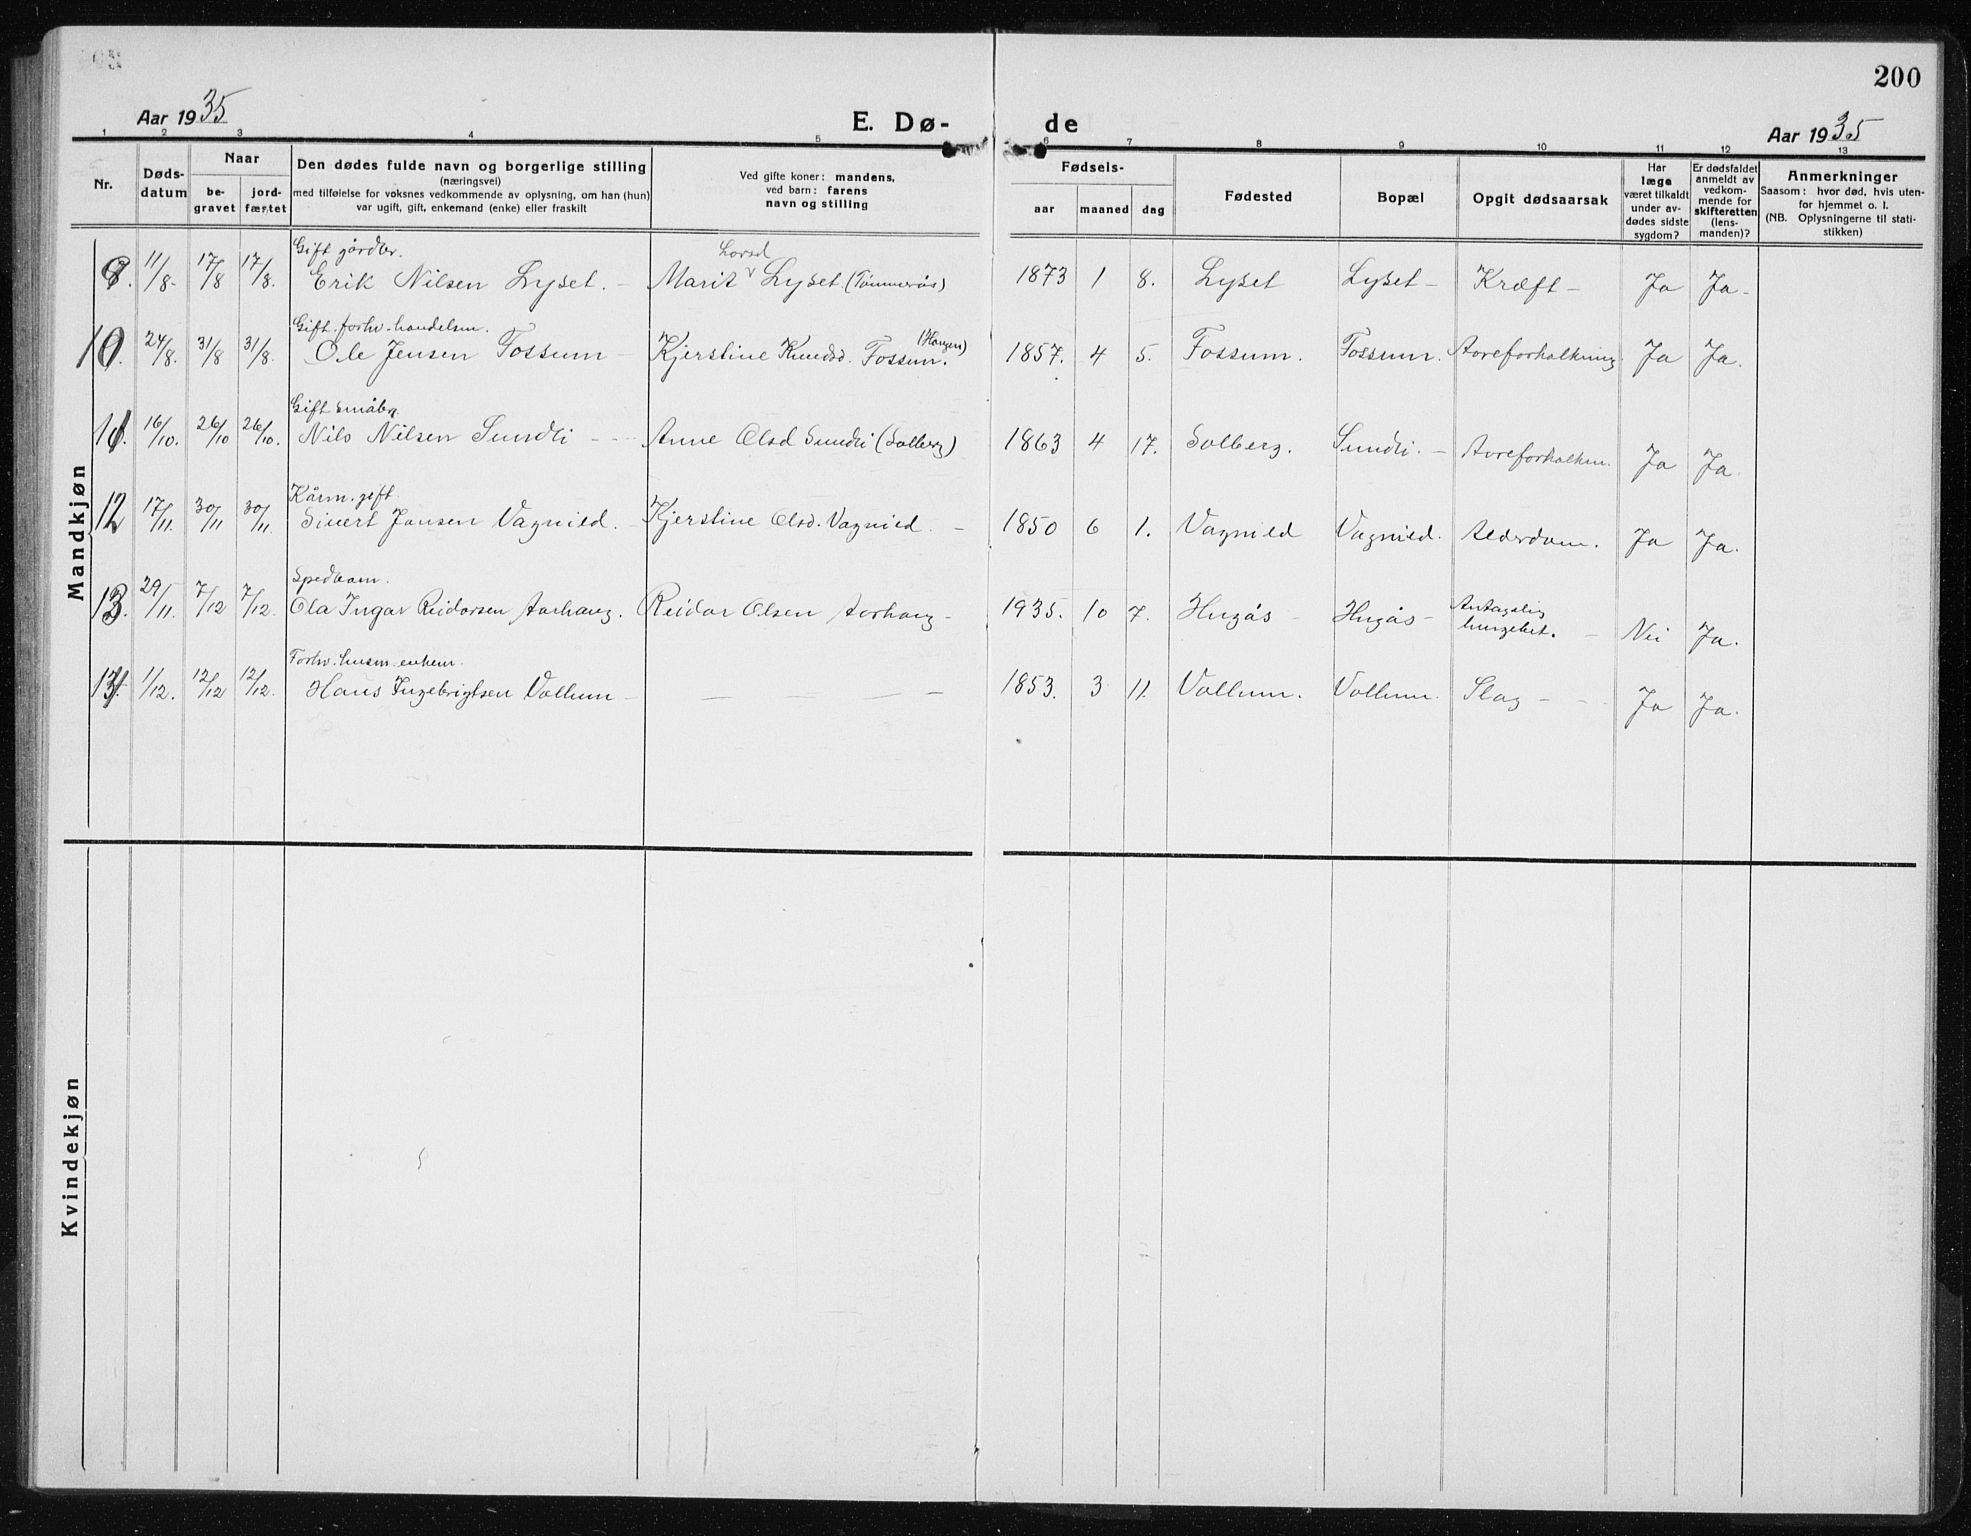 SAT, Ministerialprotokoller, klokkerbøker og fødselsregistre - Sør-Trøndelag, 689/L1045: Klokkerbok nr. 689C04, 1923-1940, s. 200